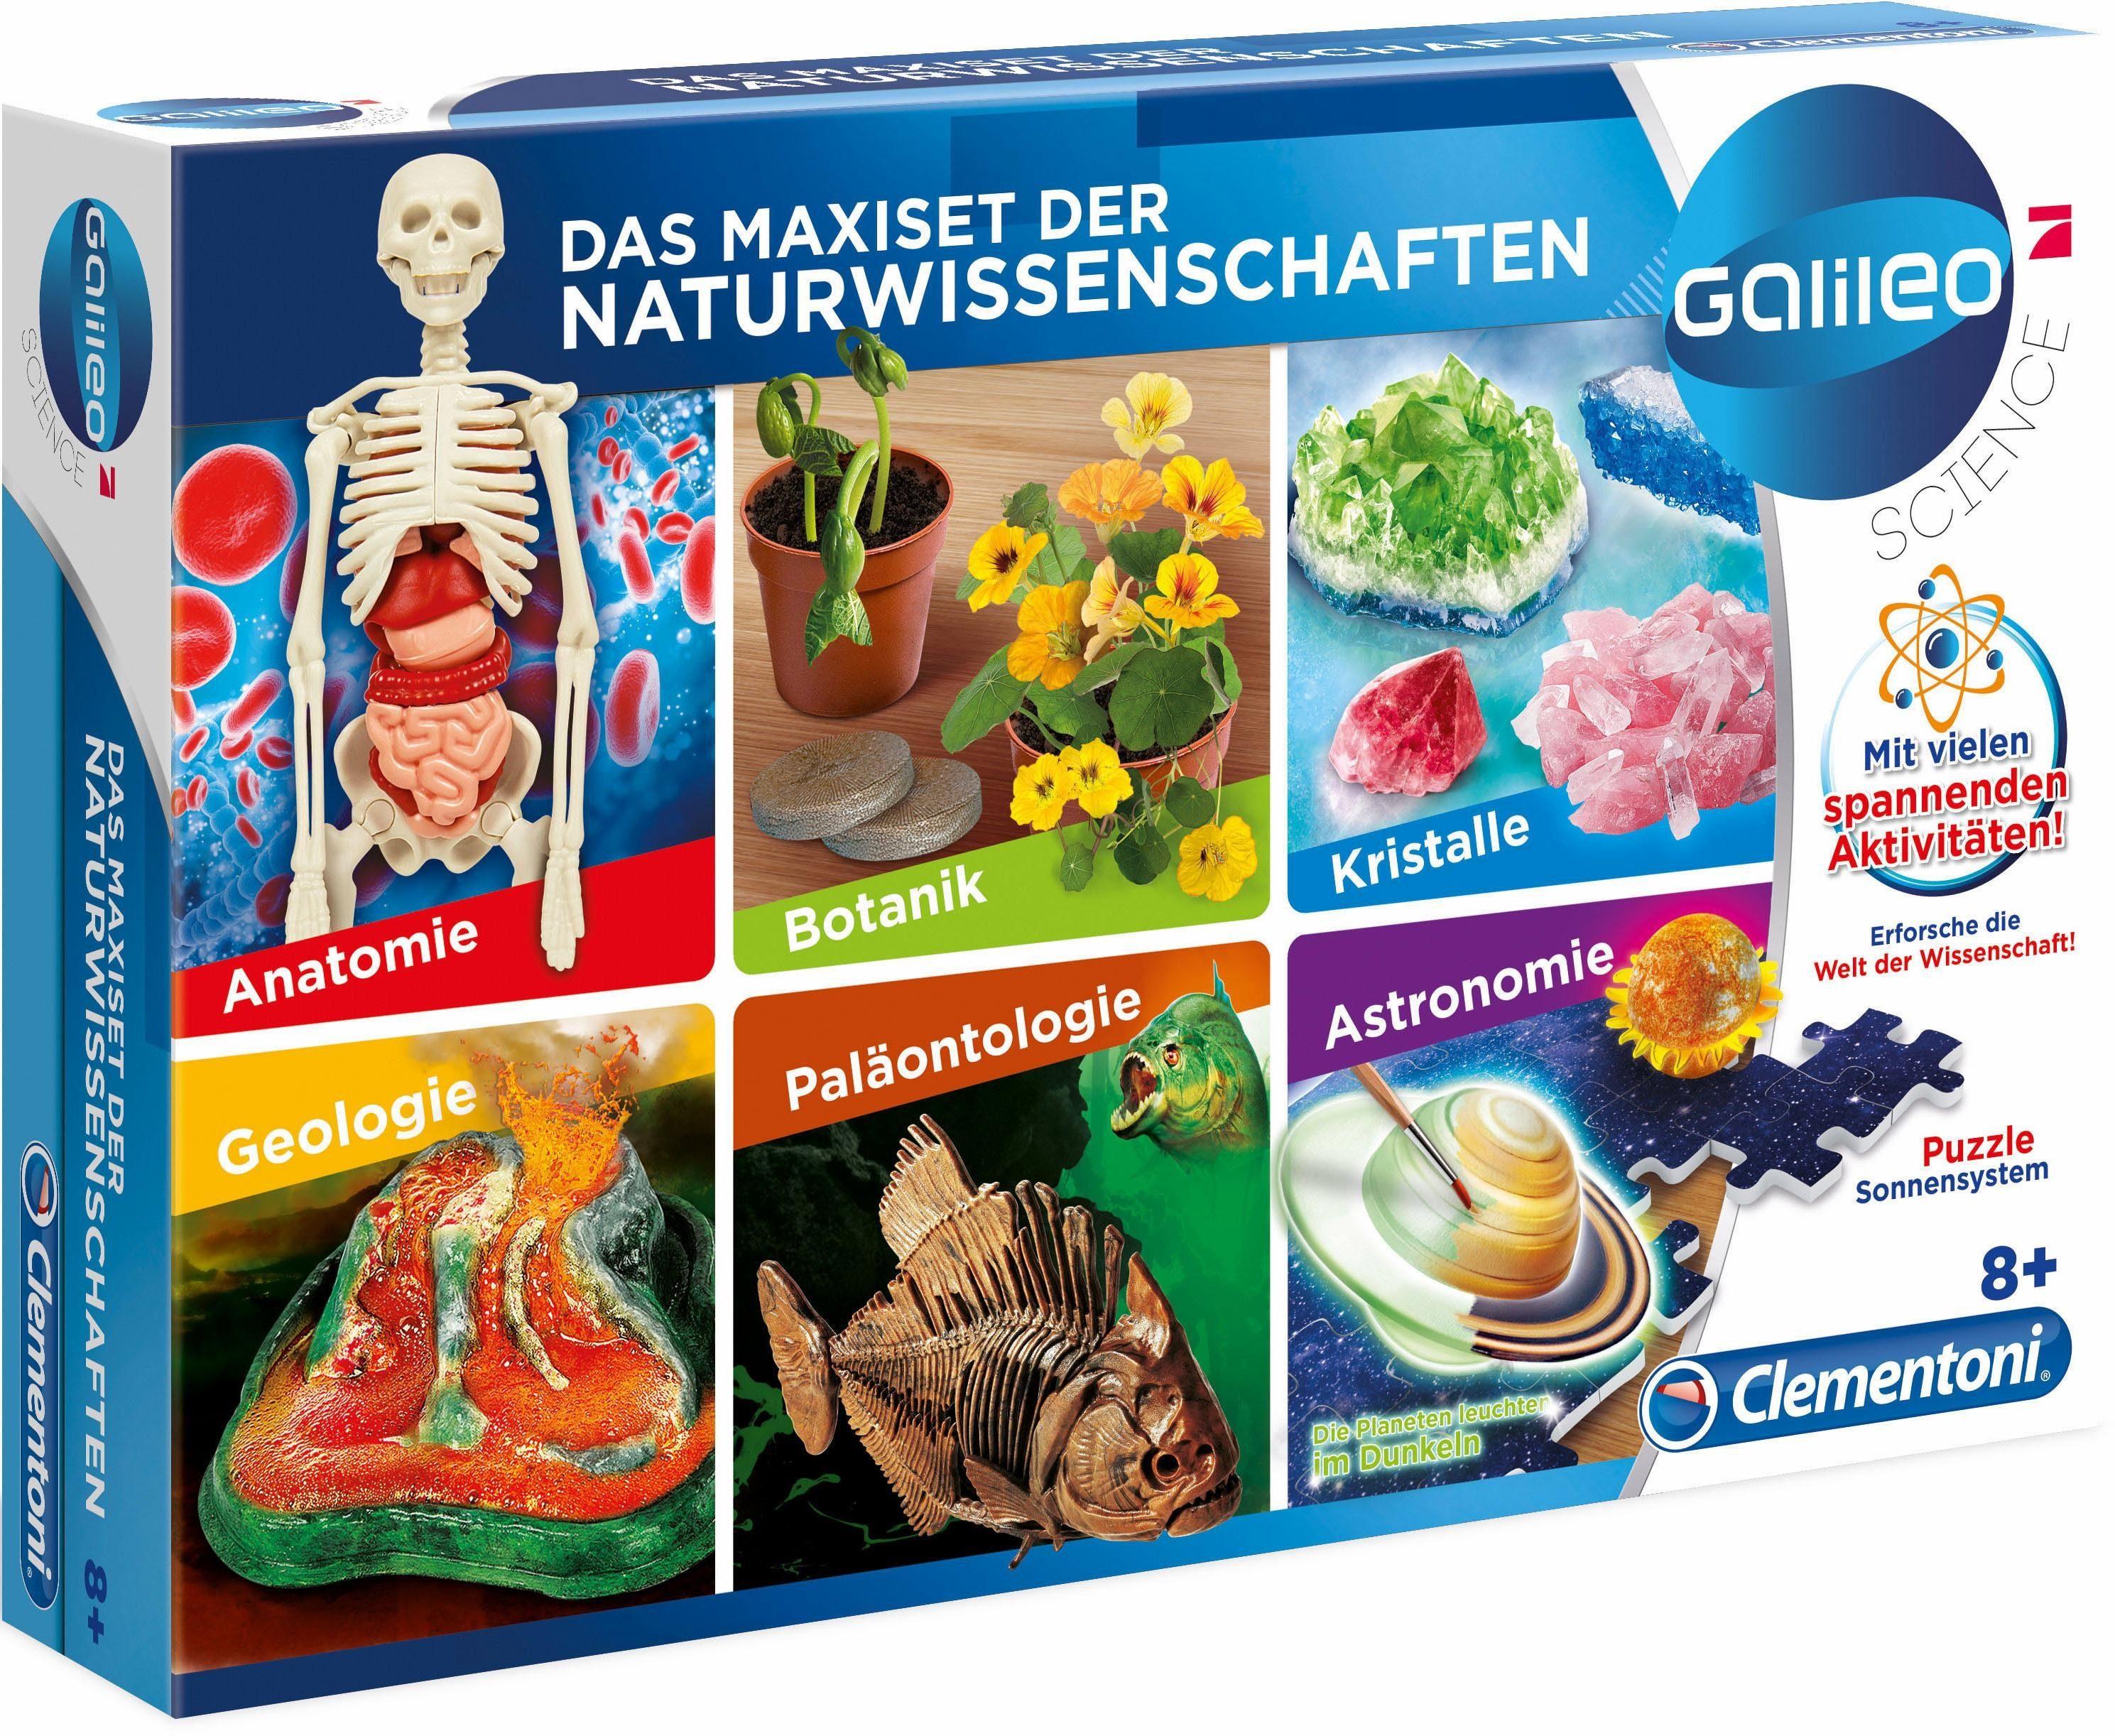 Clementoni Experimentierkasten, »Galileo Das Maxi Set der Naturwissenschaften«